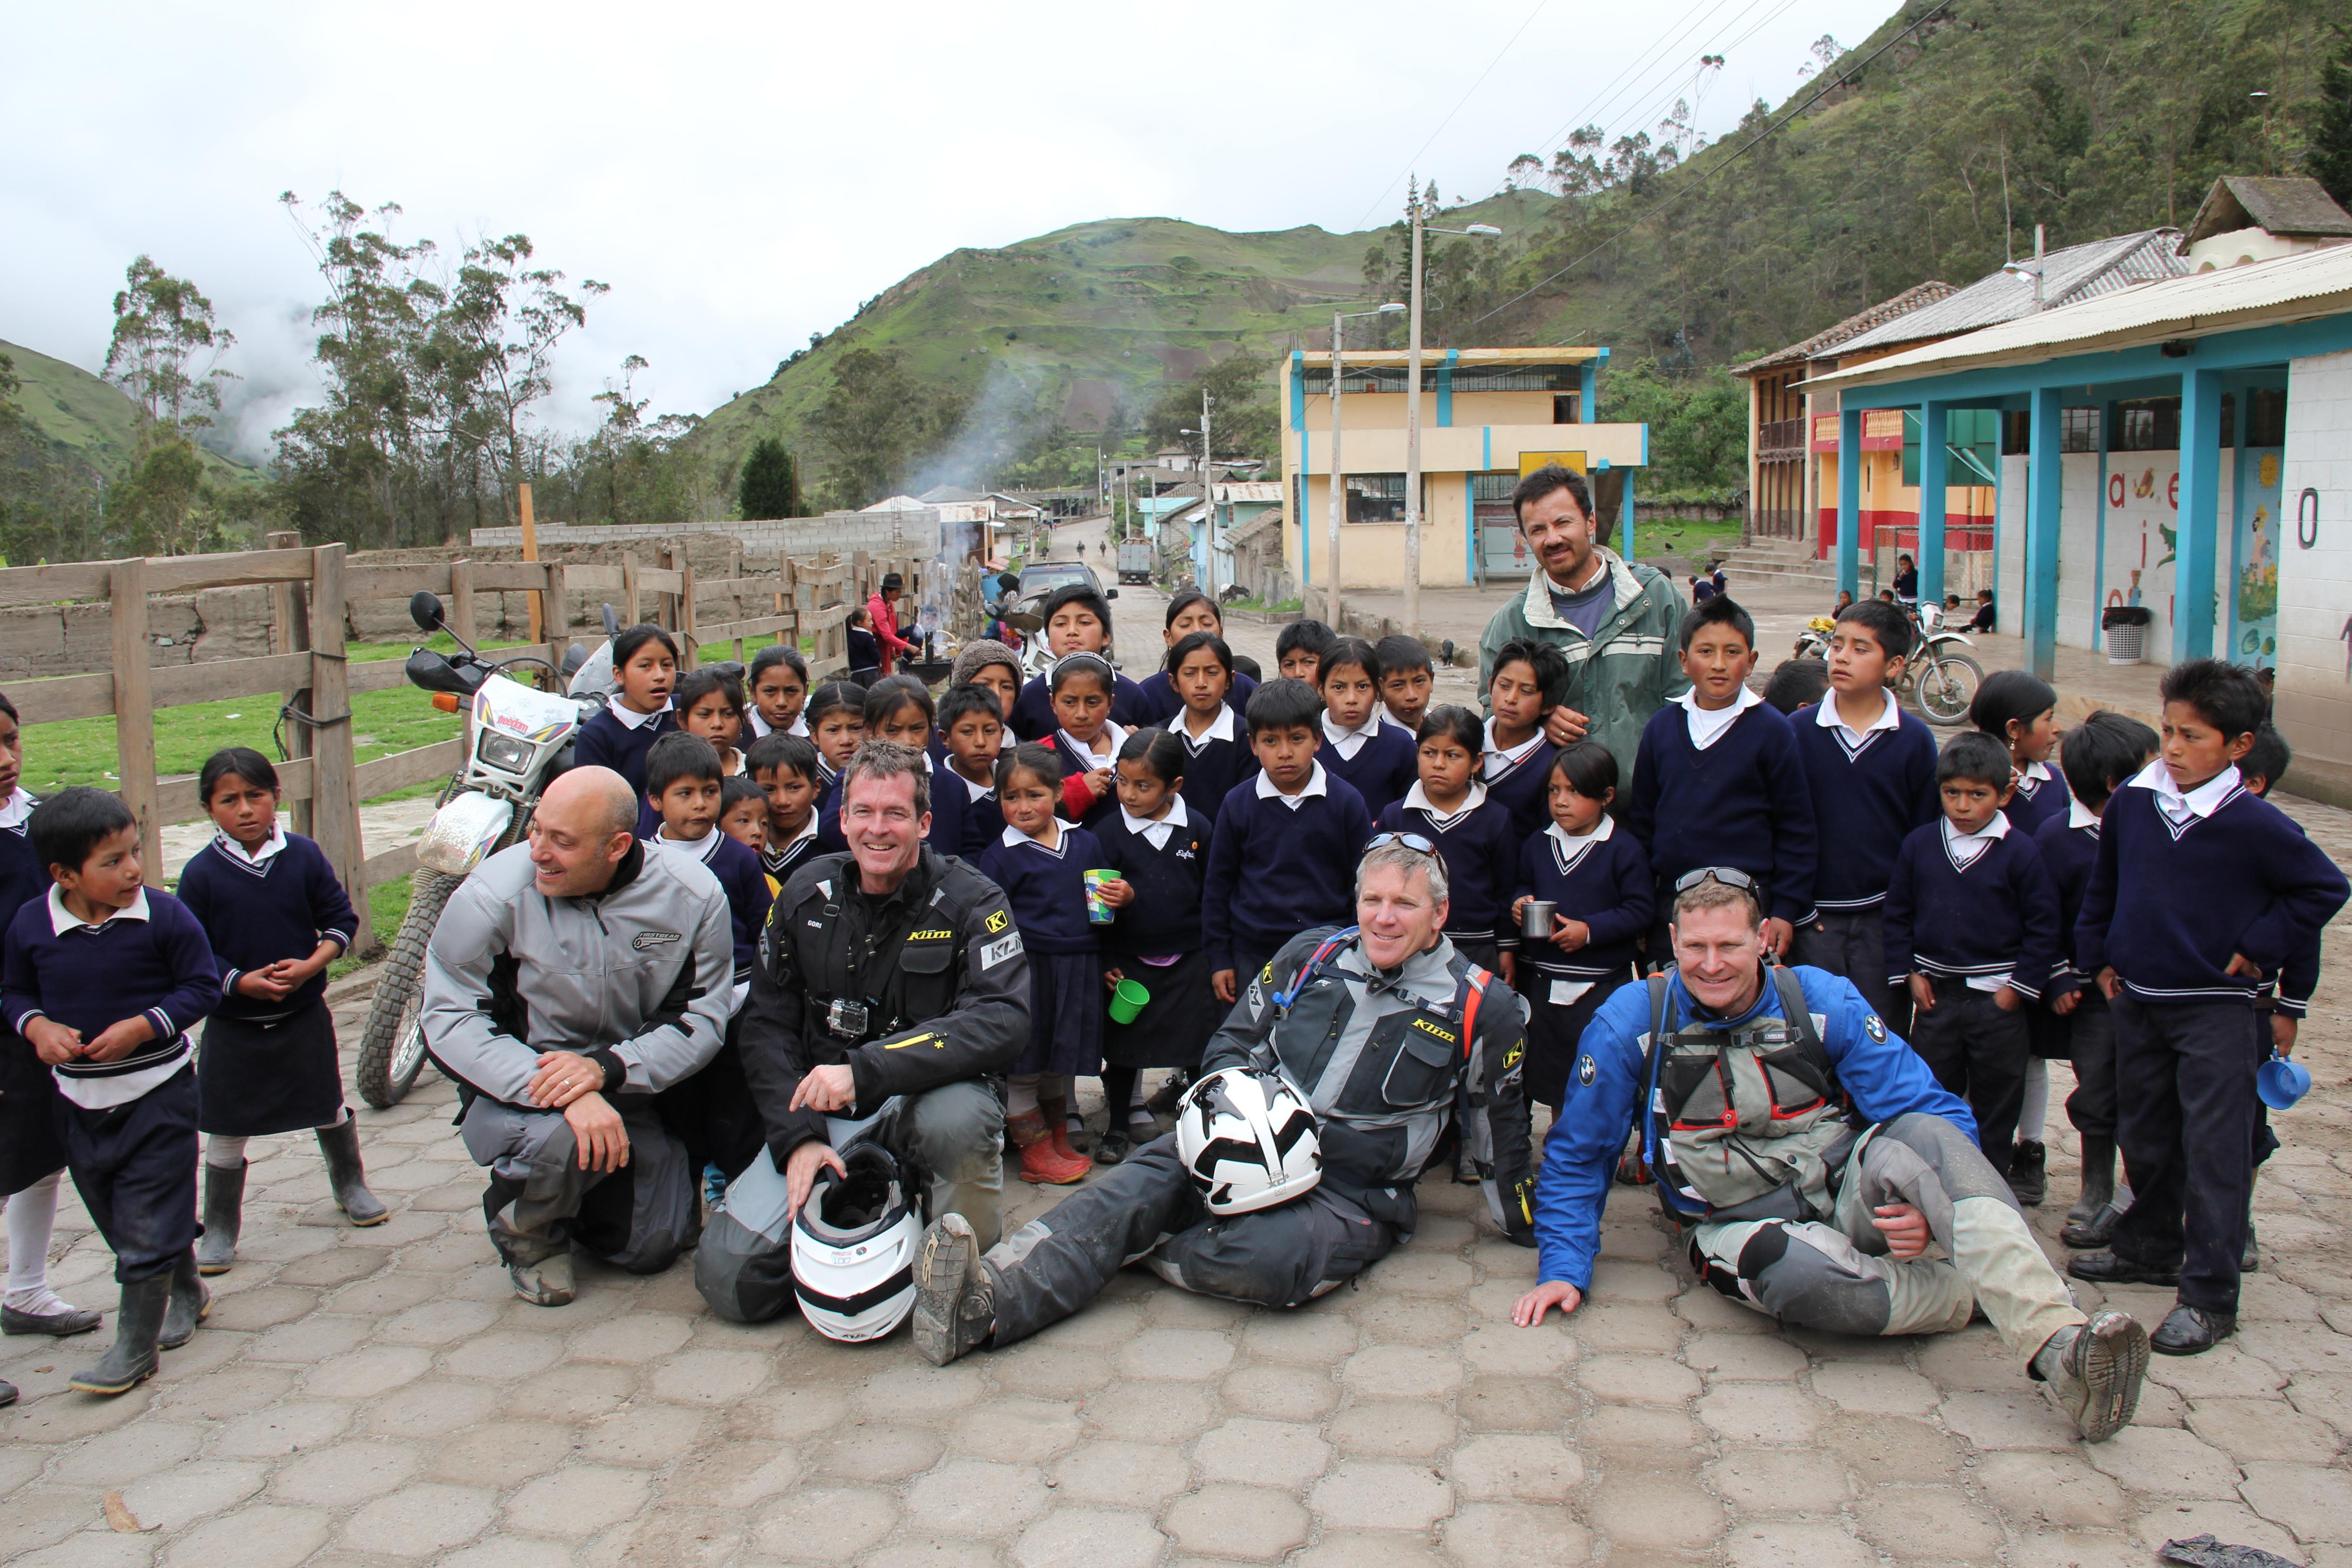 Bikers helping poor rural schools in South America